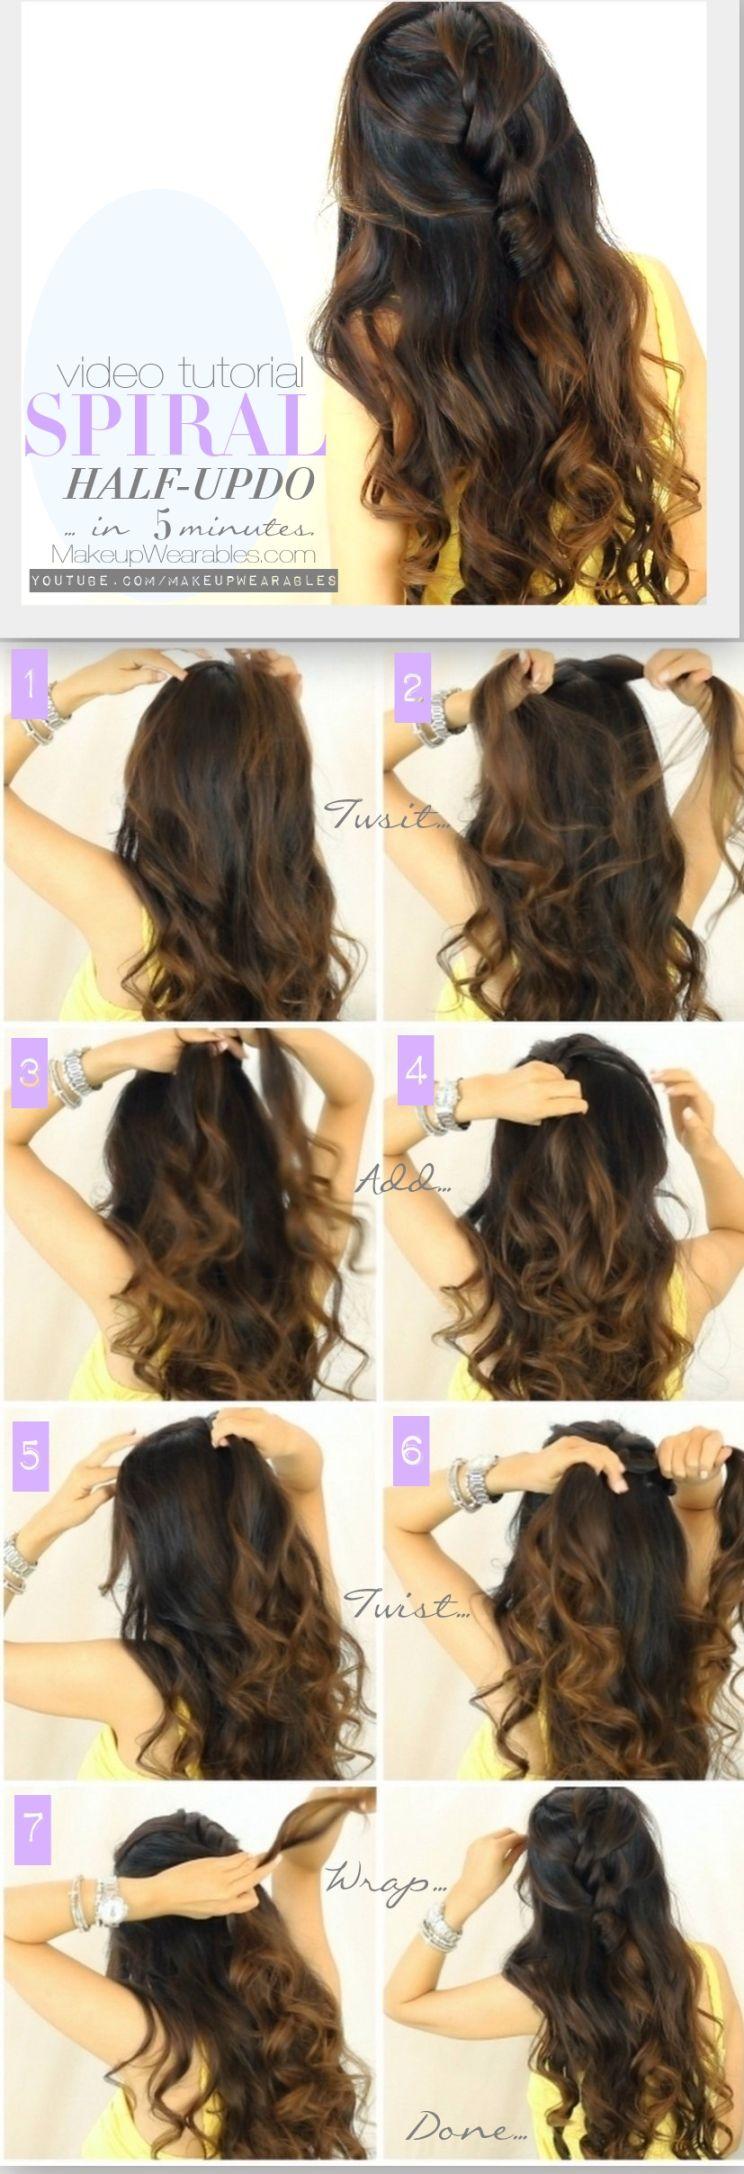 minute daily hairstyles cute u easy halfup halfdown updo